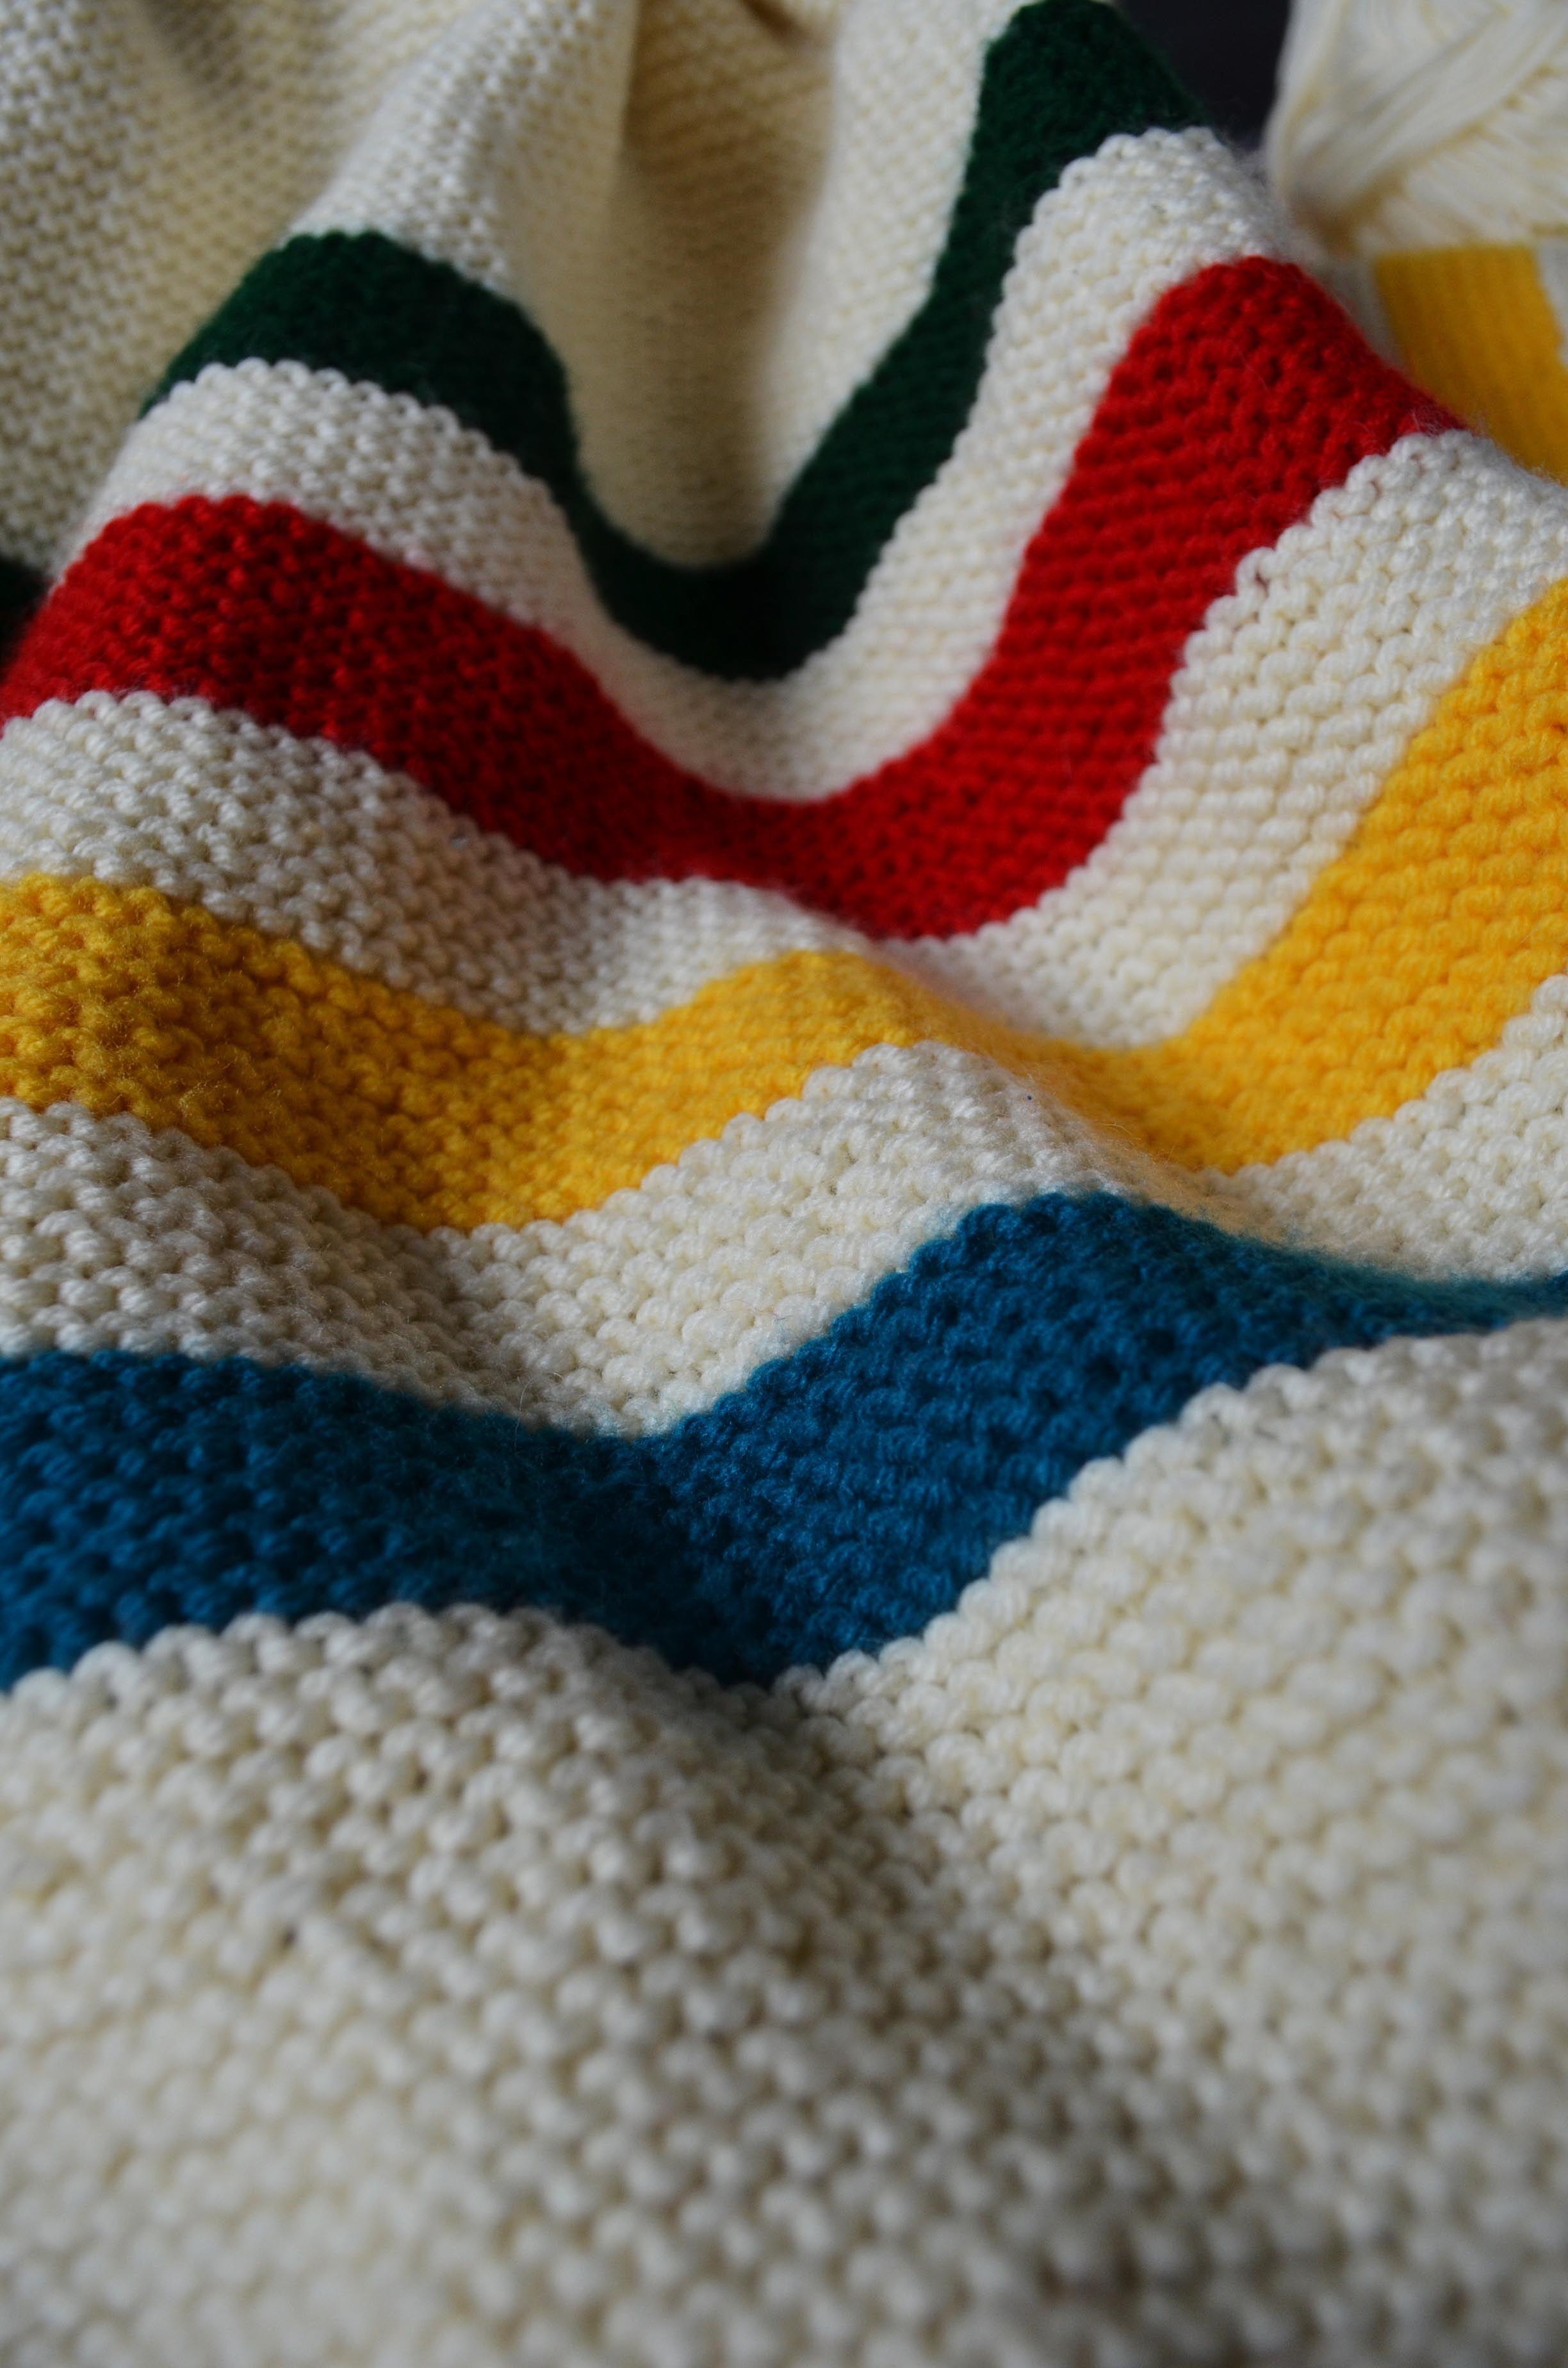 DSC_0396 | Yarn, Knitting Crochet | Pinterest | Crib blanket, Hudson ...